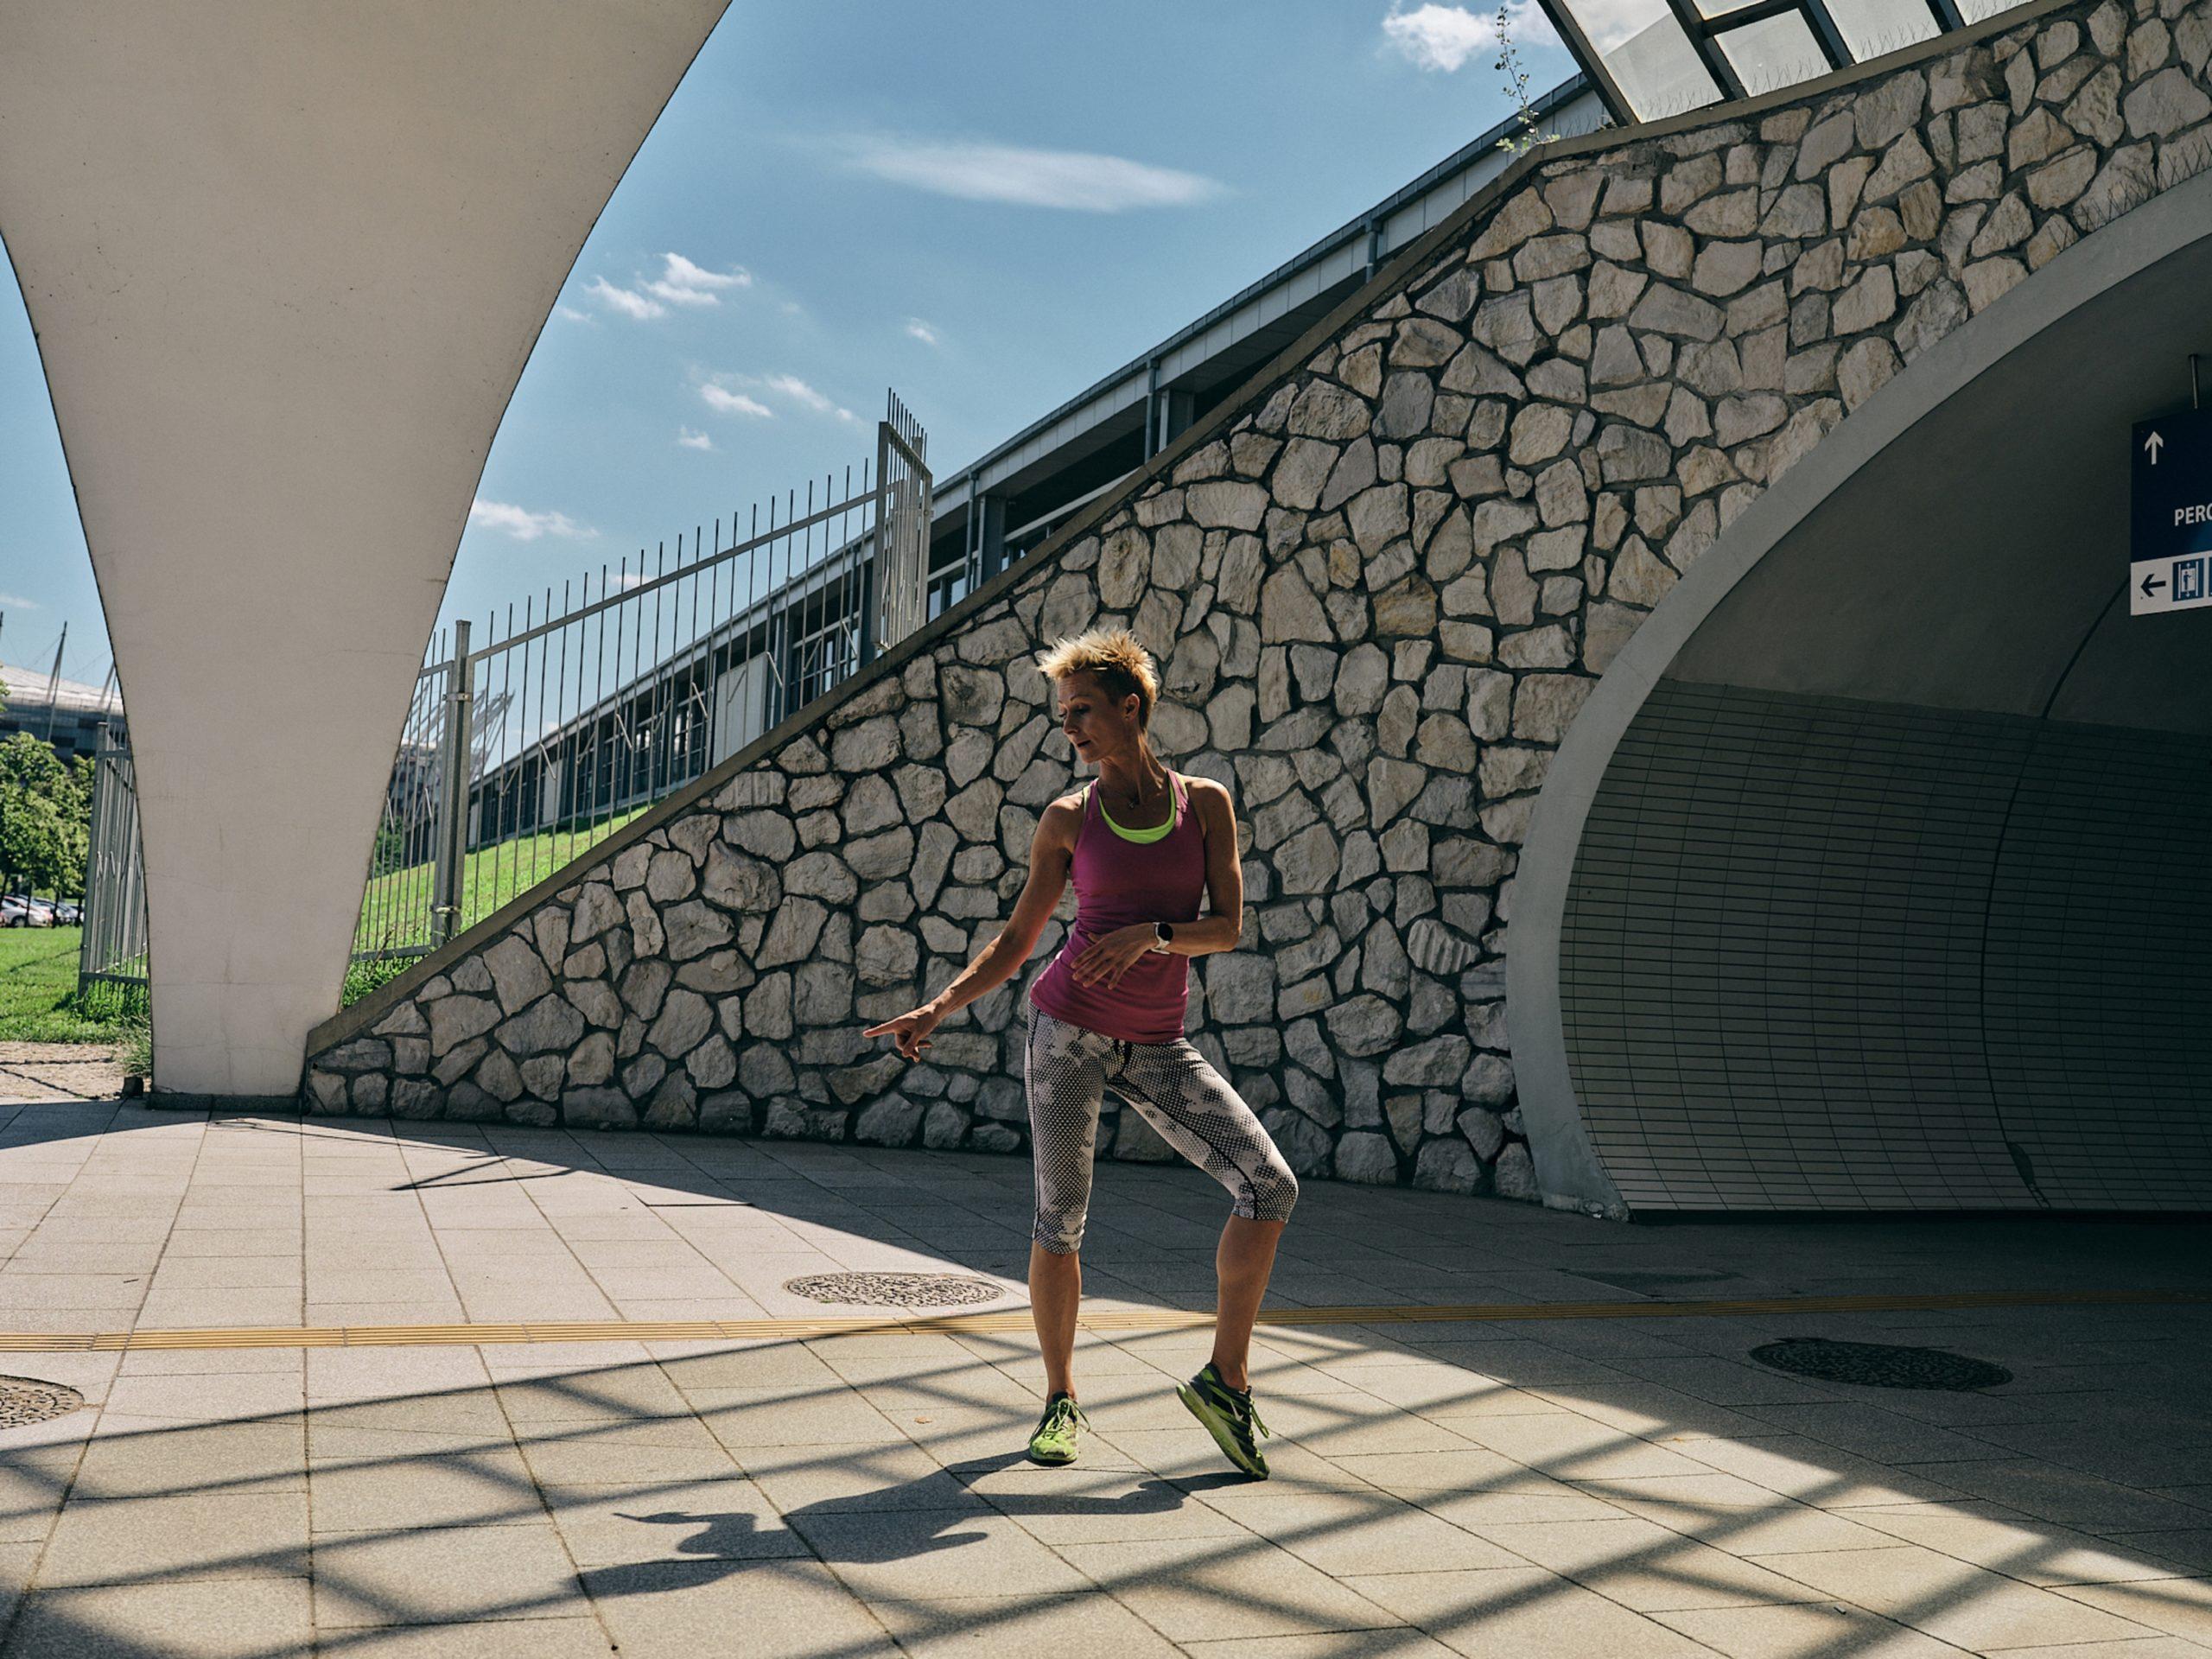 Trening outdoor